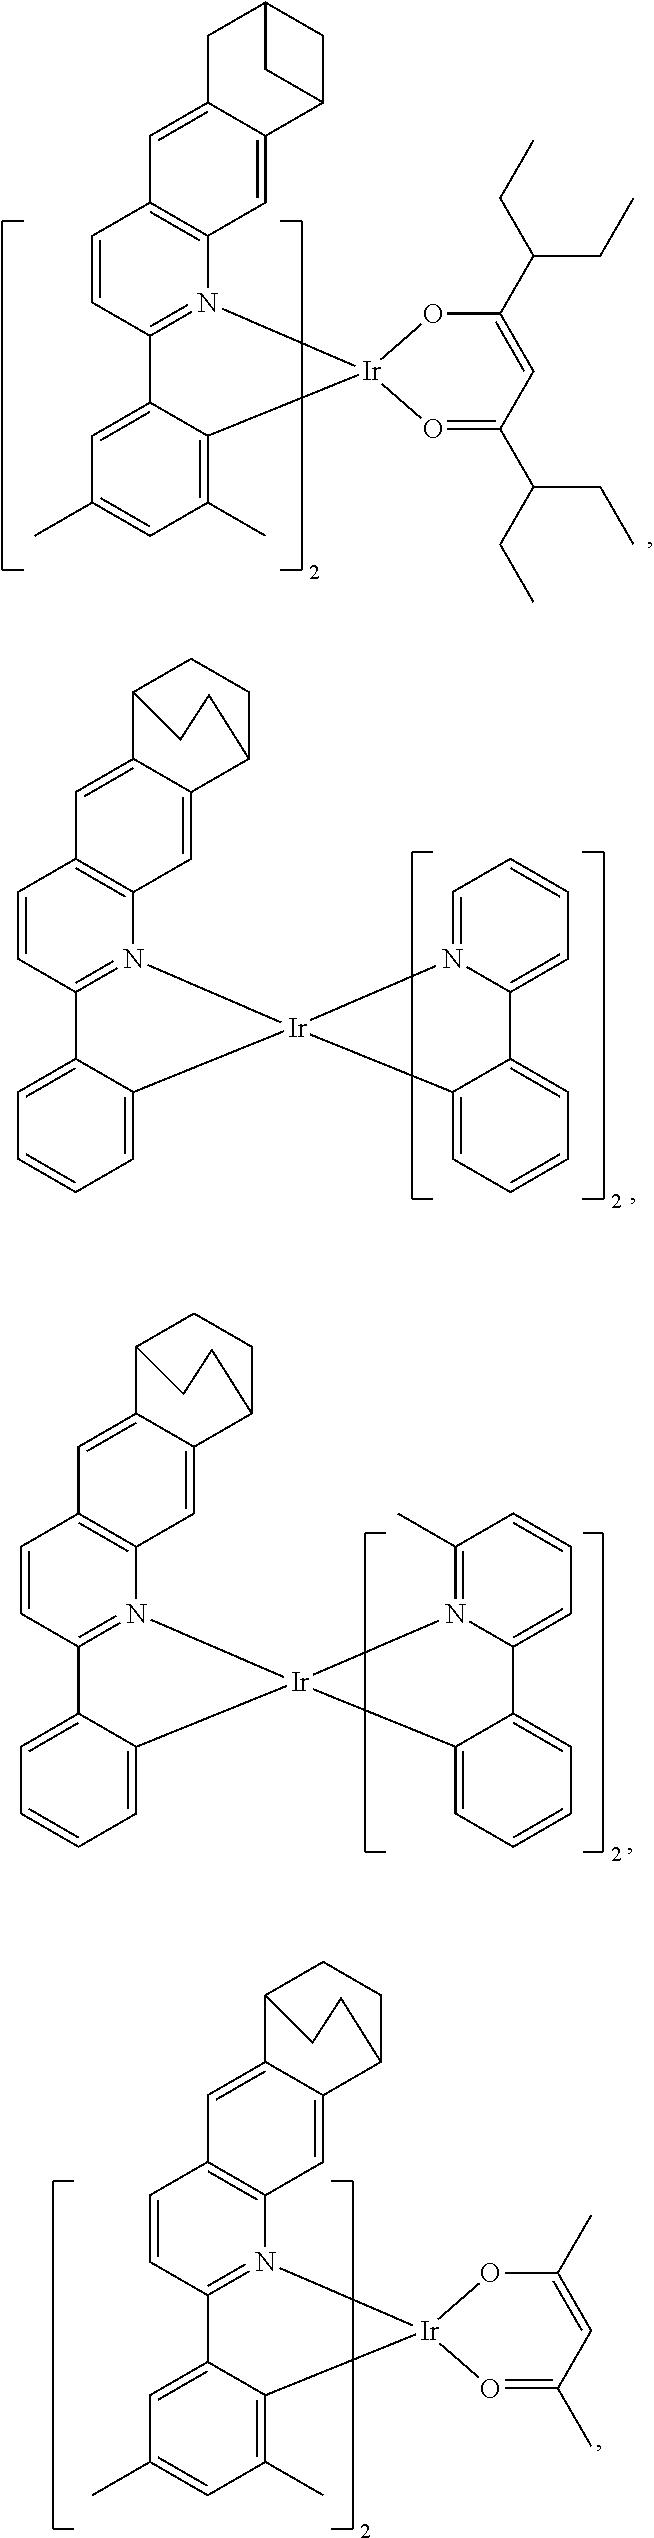 Figure US09691993-20170627-C00063